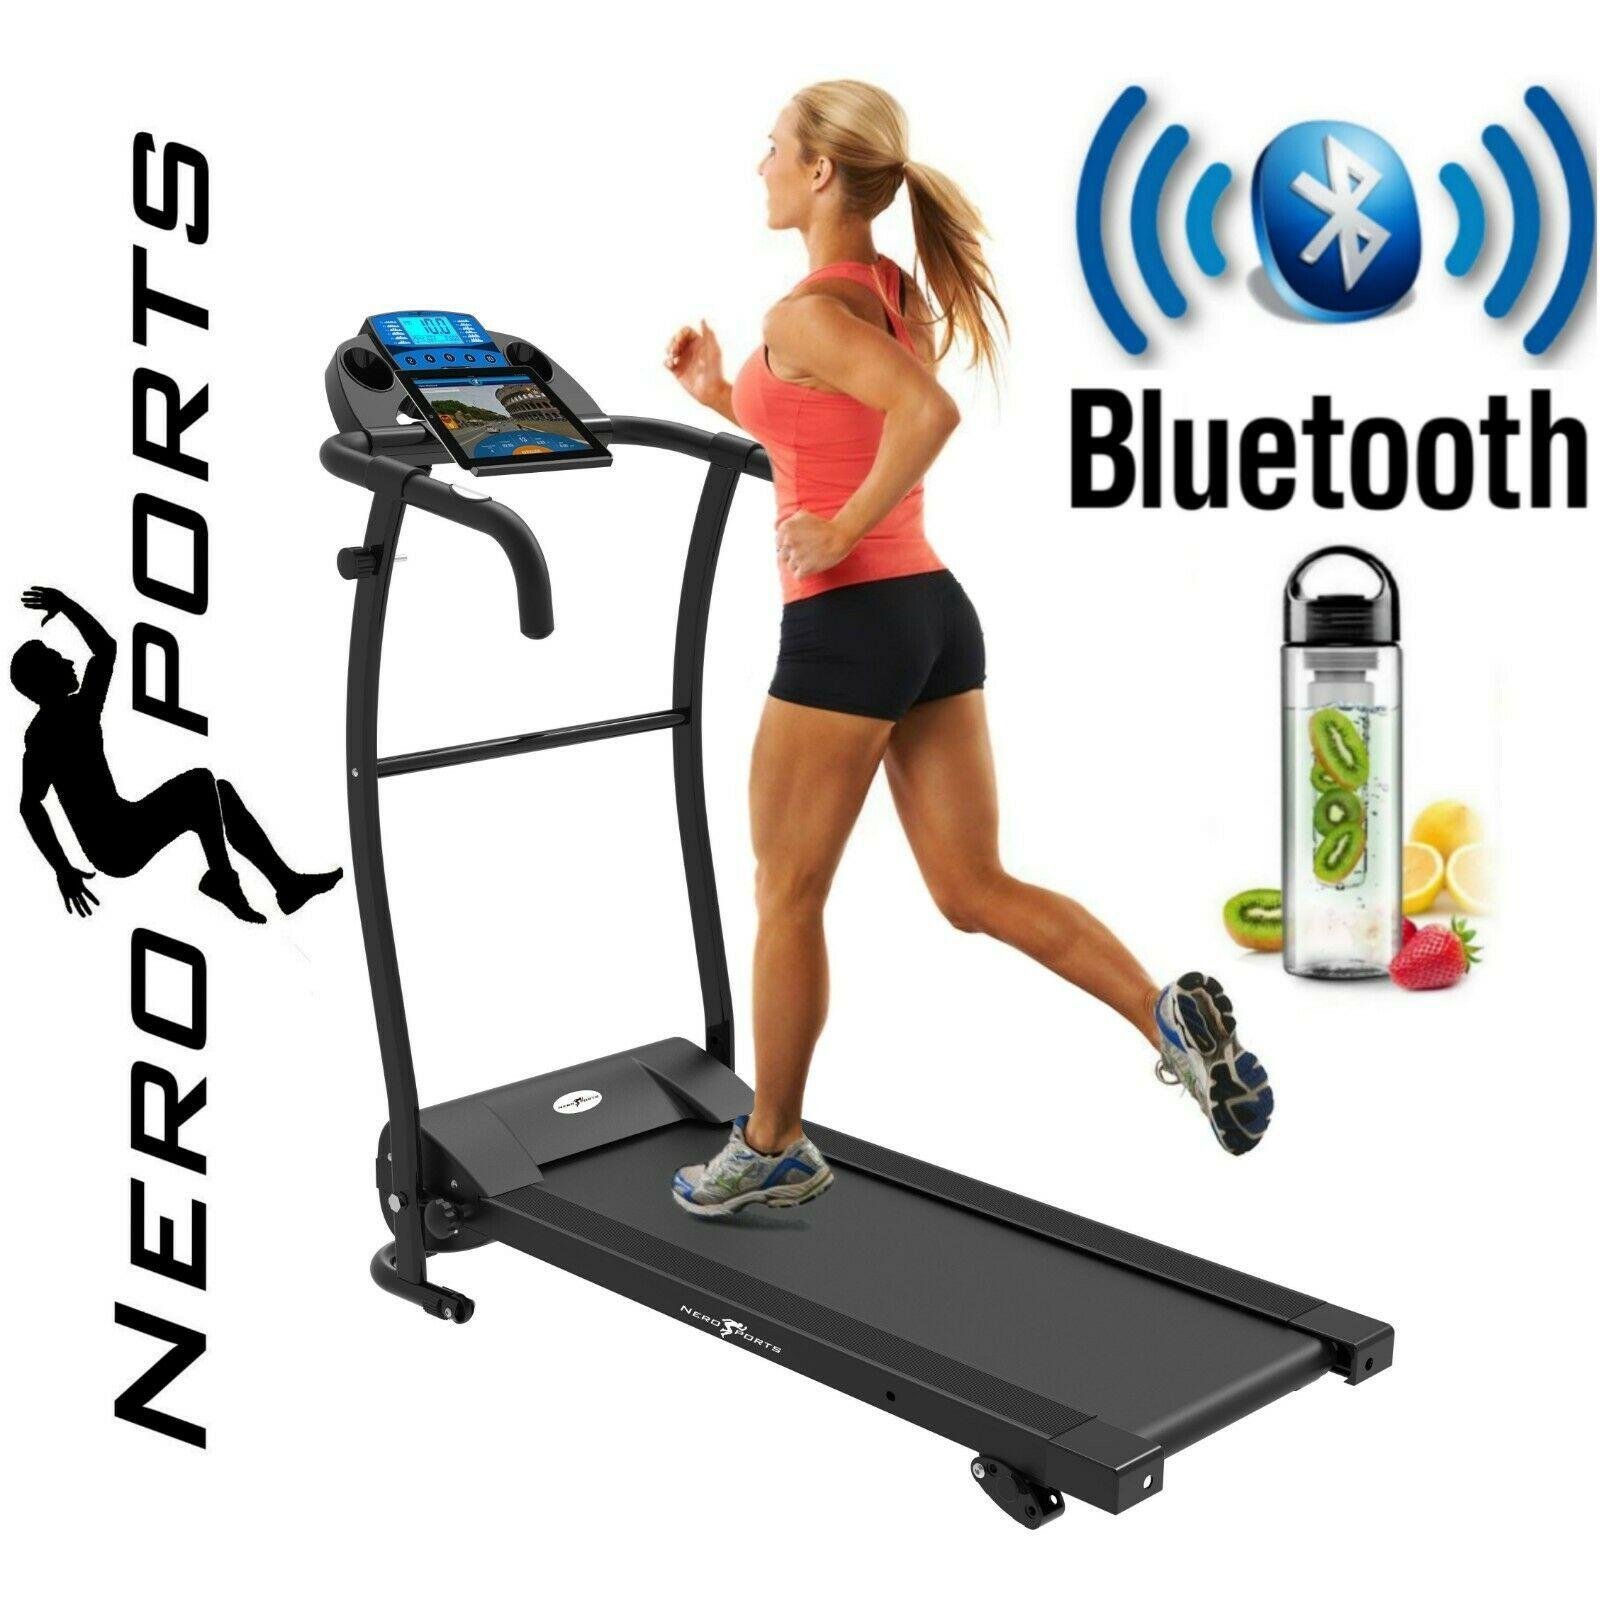 Details Sur Bluetooth Nero Pro Tapis Roulant Electrique Motorise Pliable Running Machine Afficher Le Titre D Origine Tapis Roulant Motorise Bluetooth